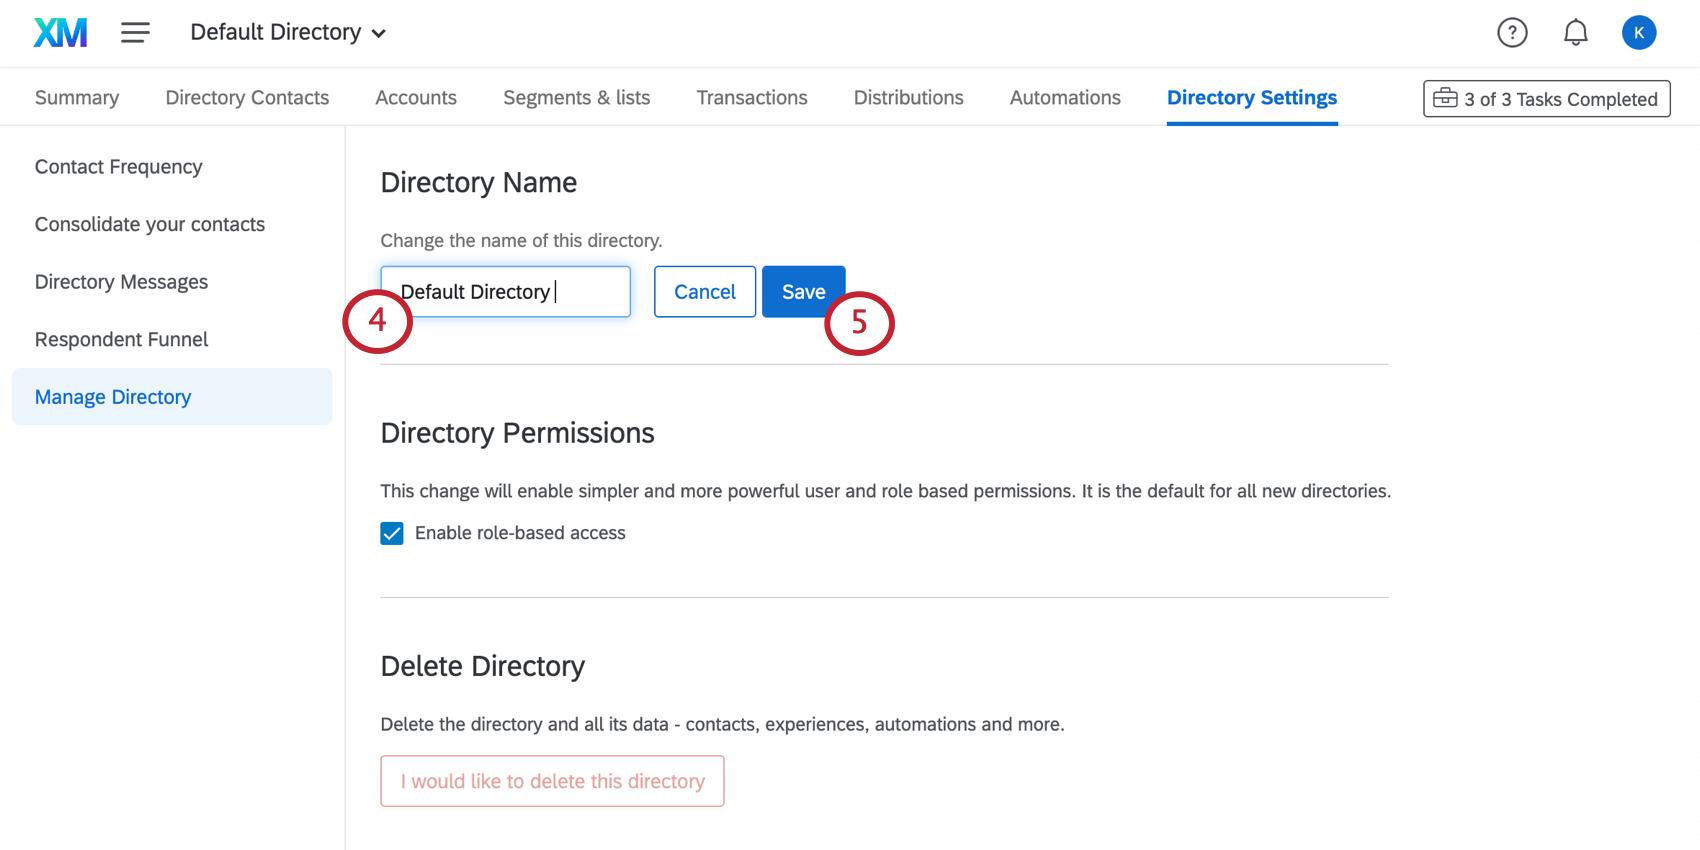 Saisir le nom dans un champ et cliquer sur le bouton Enregistrer bleu